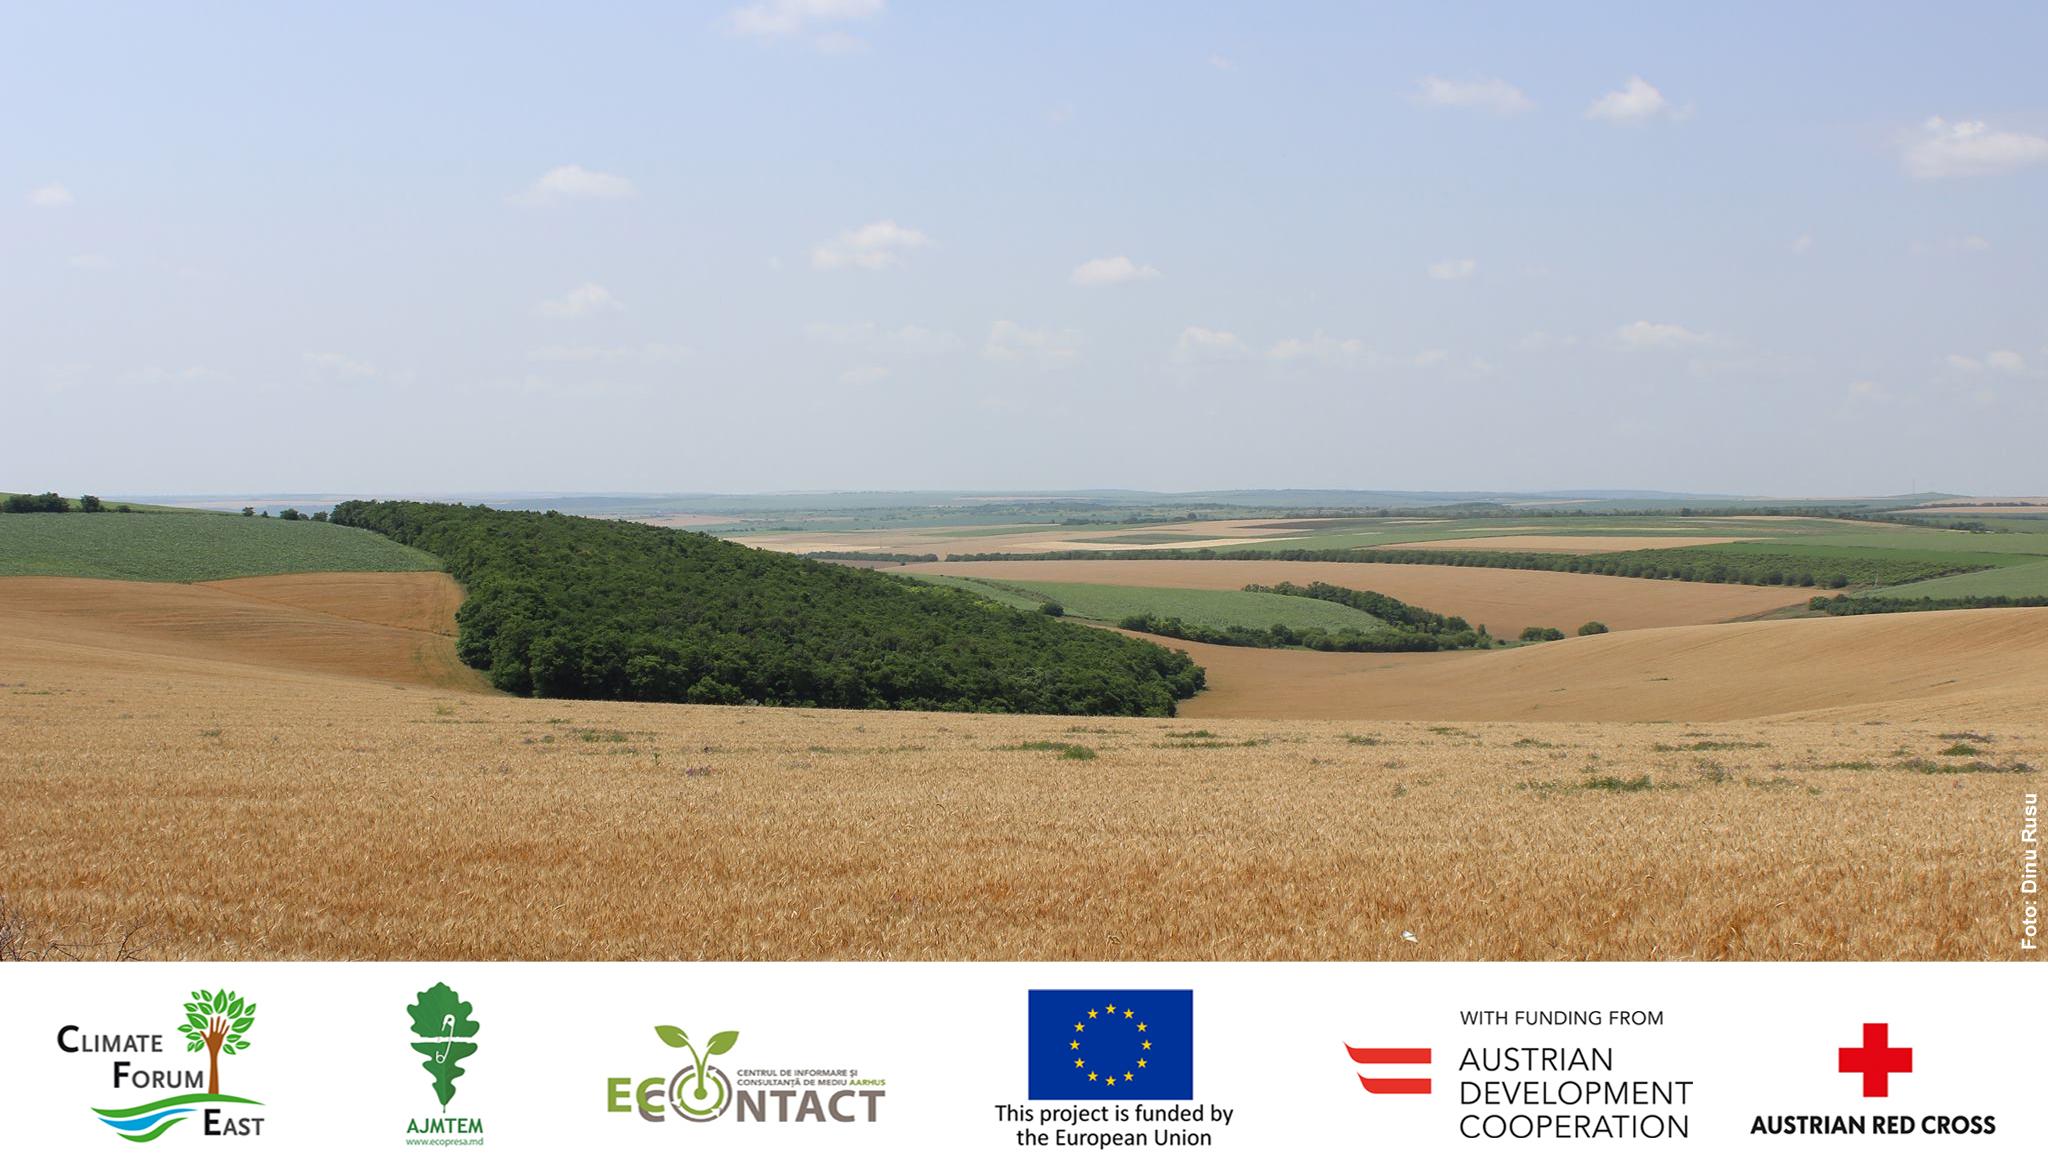 Schimbările climatice și agricultura: cu gândul la generațiile de mâine